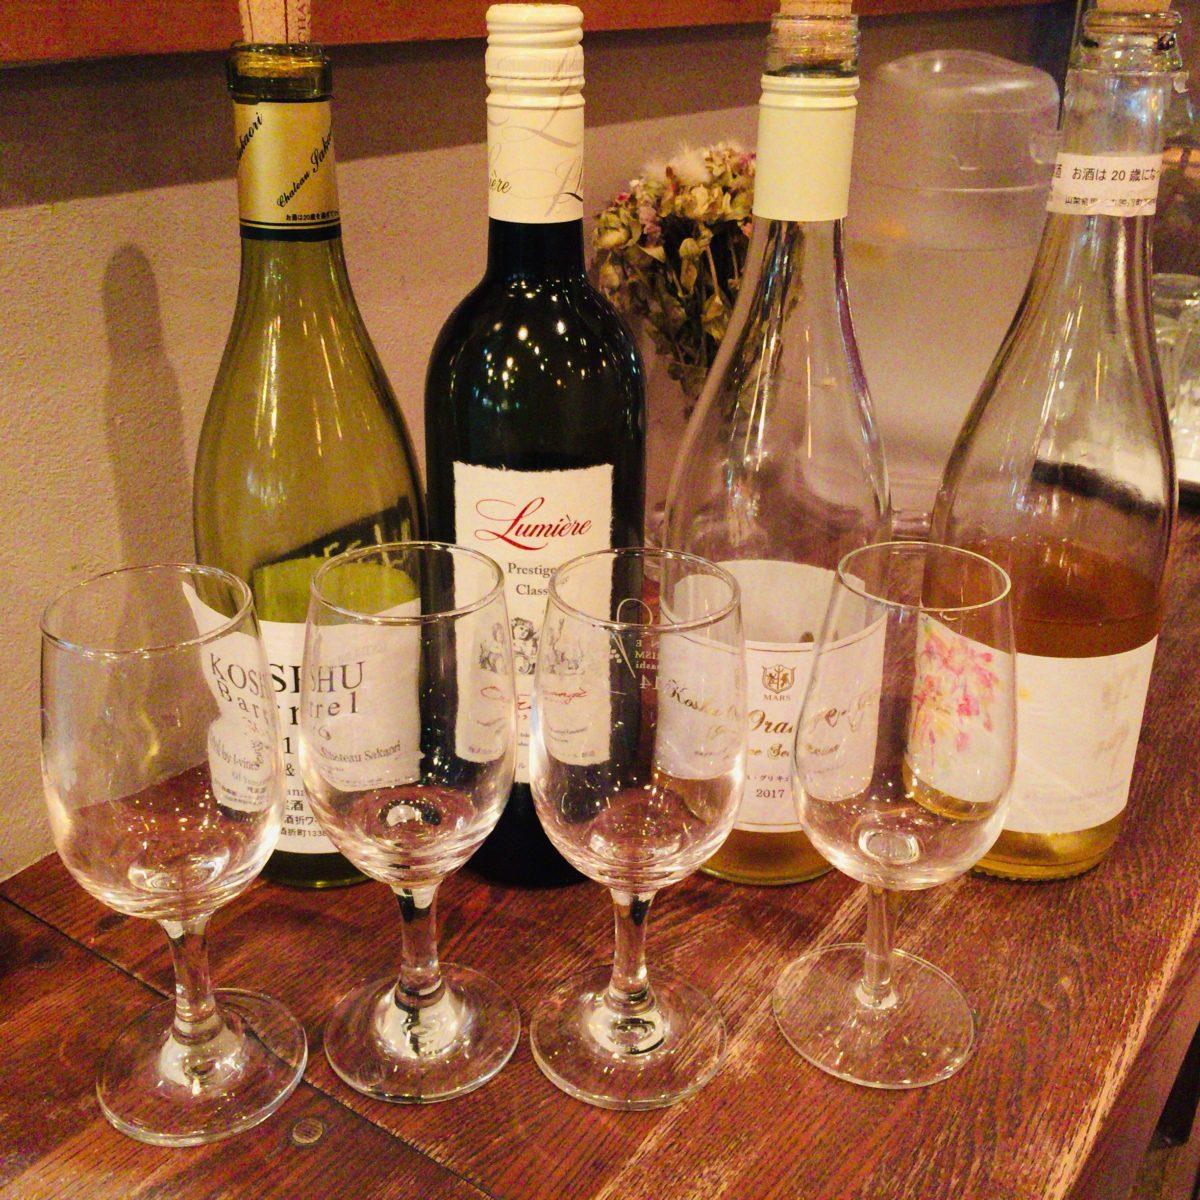 フォーハーツカフェ で試飲した山梨県産甲州ワイン